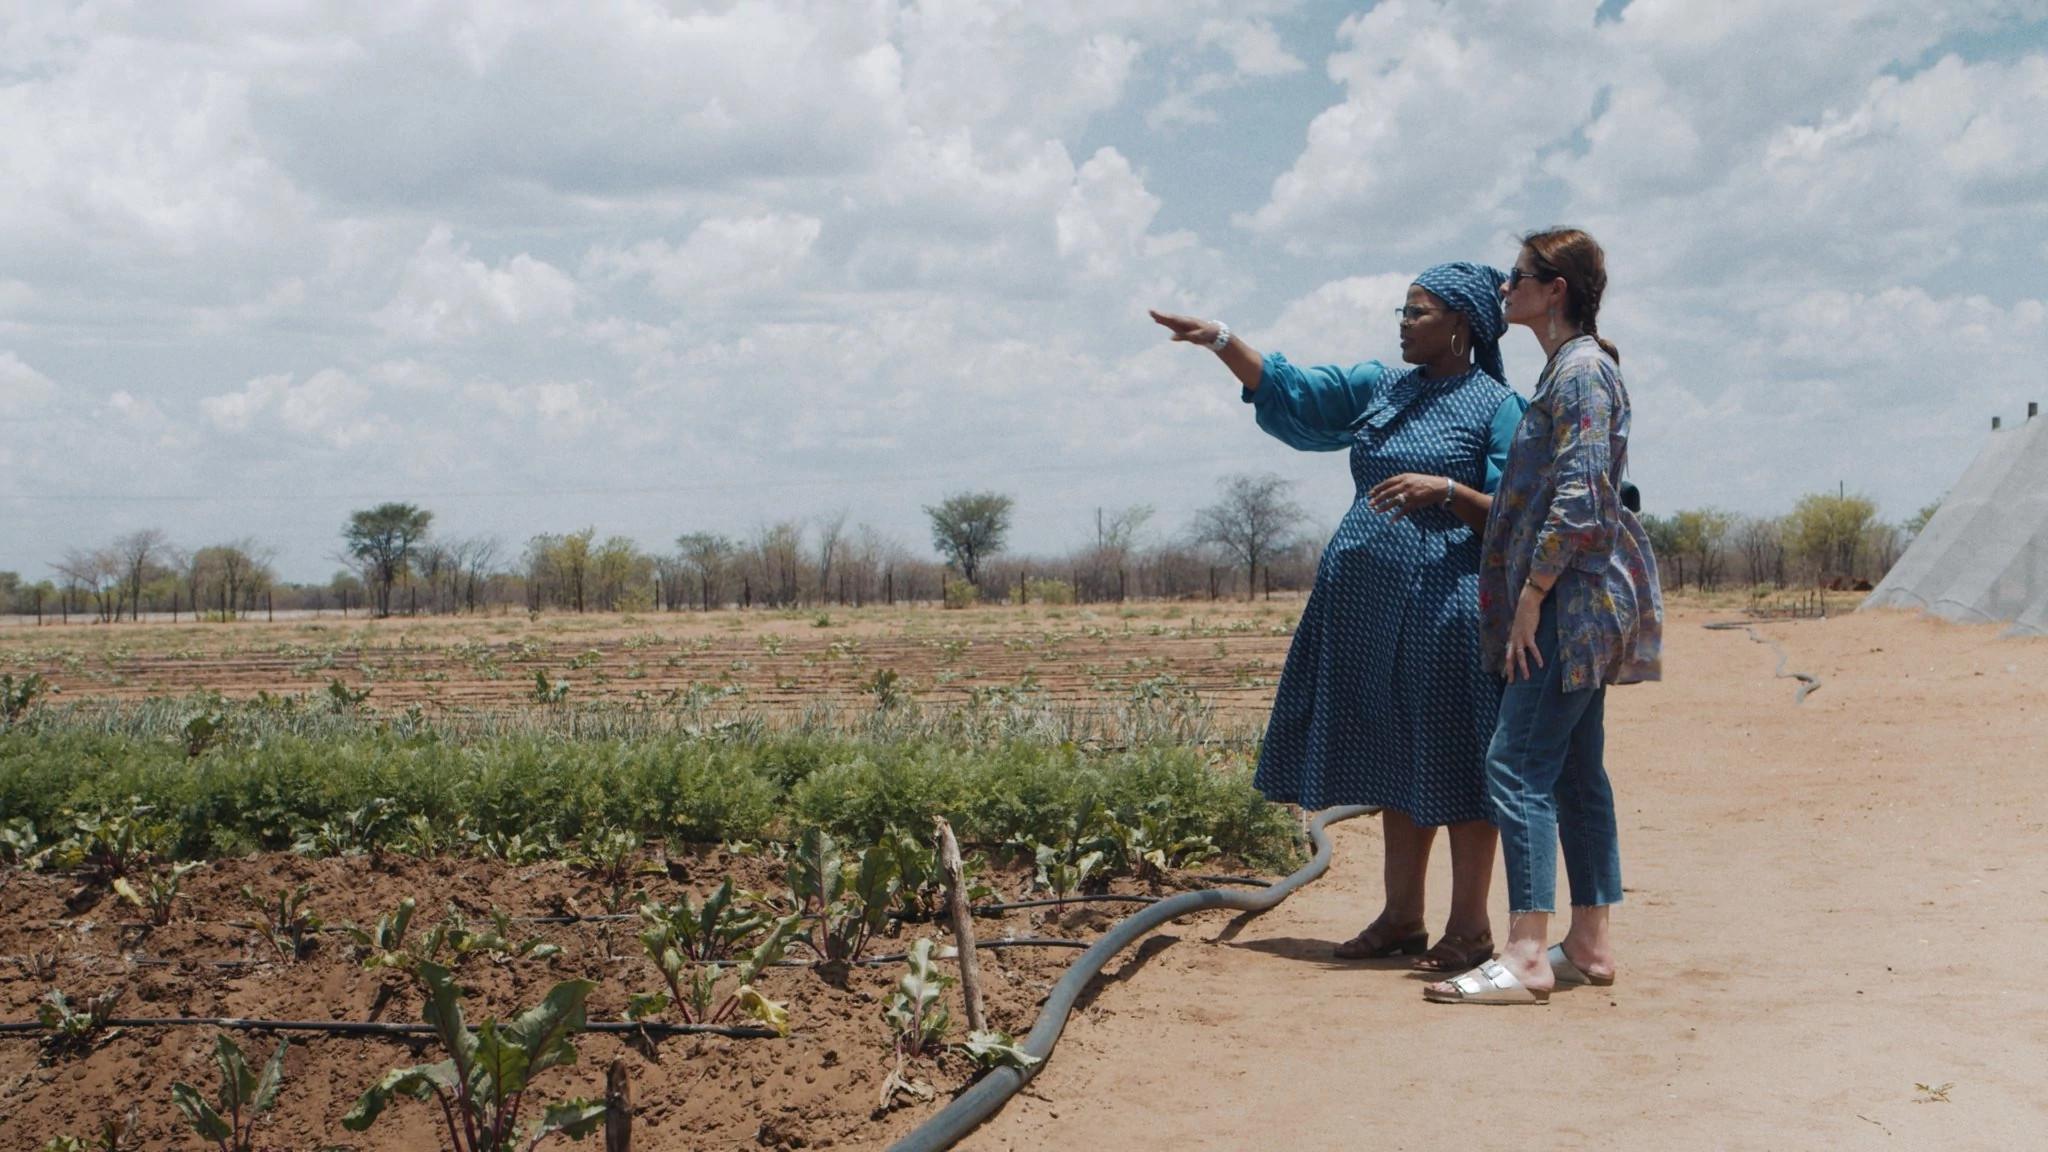 利维亚·费尔斯在博茨瓦纳考察